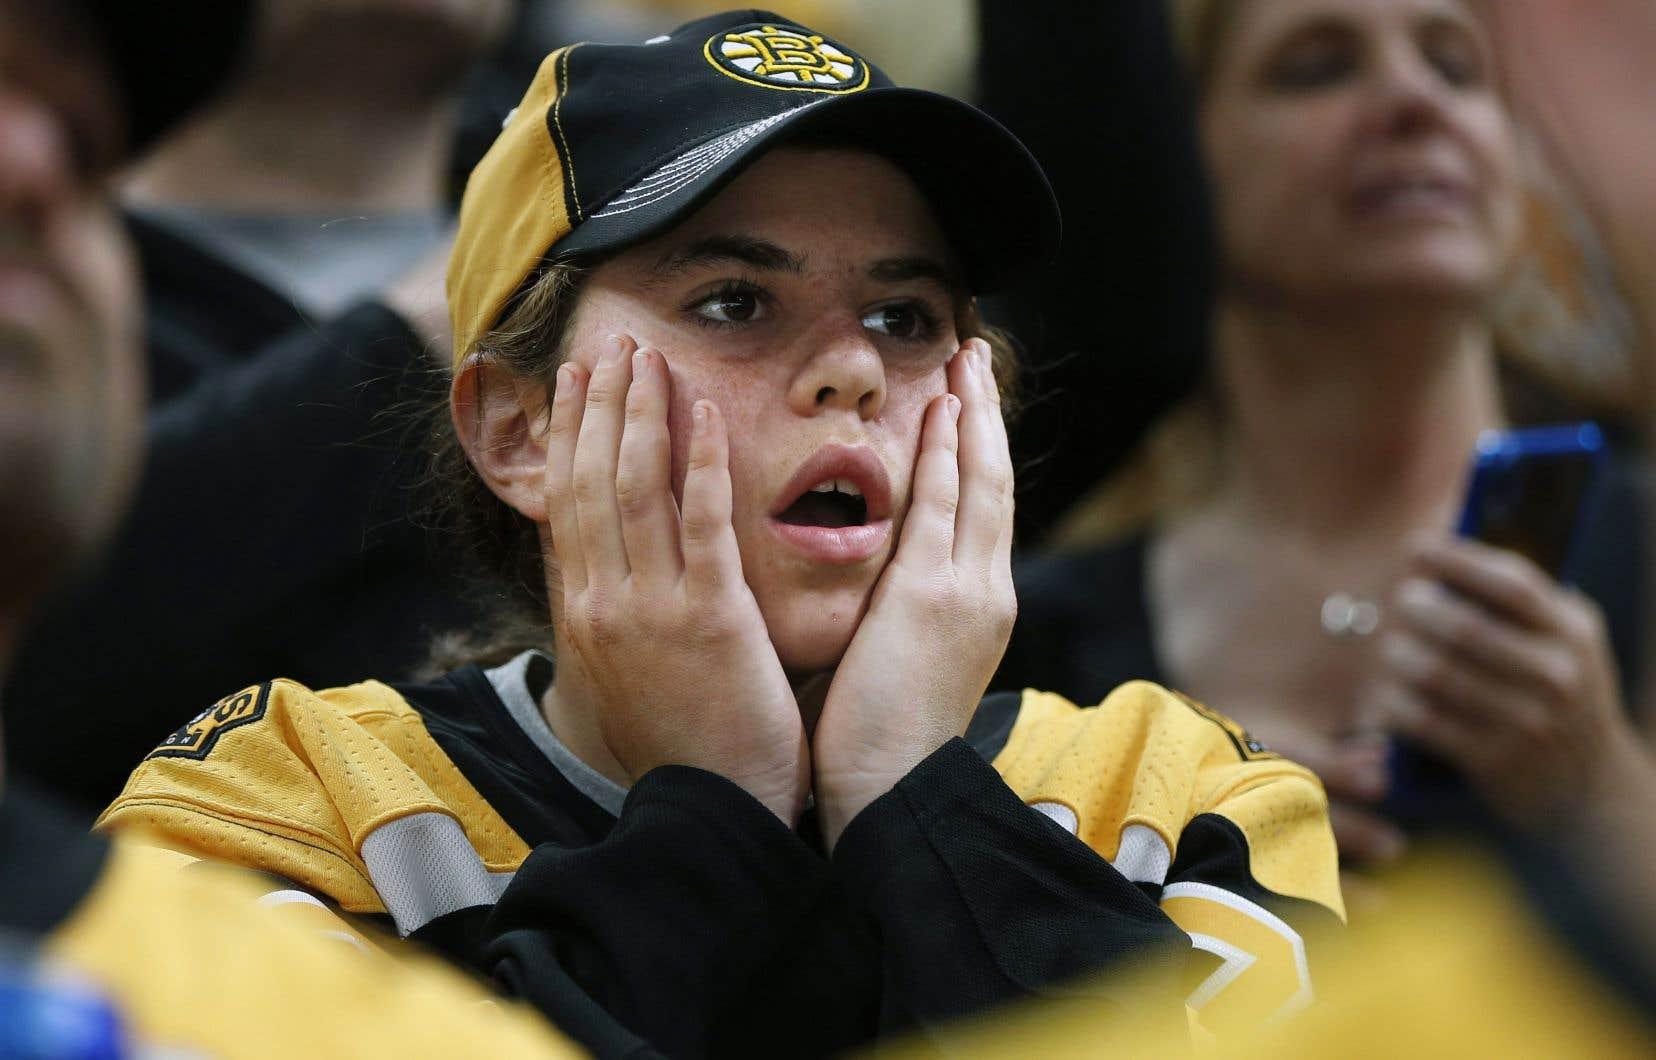 Malgré les doléances des joueurs des Bruins et de leurs partisans, les arbitres ont maintenu leur décision de permettre un but controversé, faisant en sorte que les Blues ont pris les devants 3-2 dans cette finale.